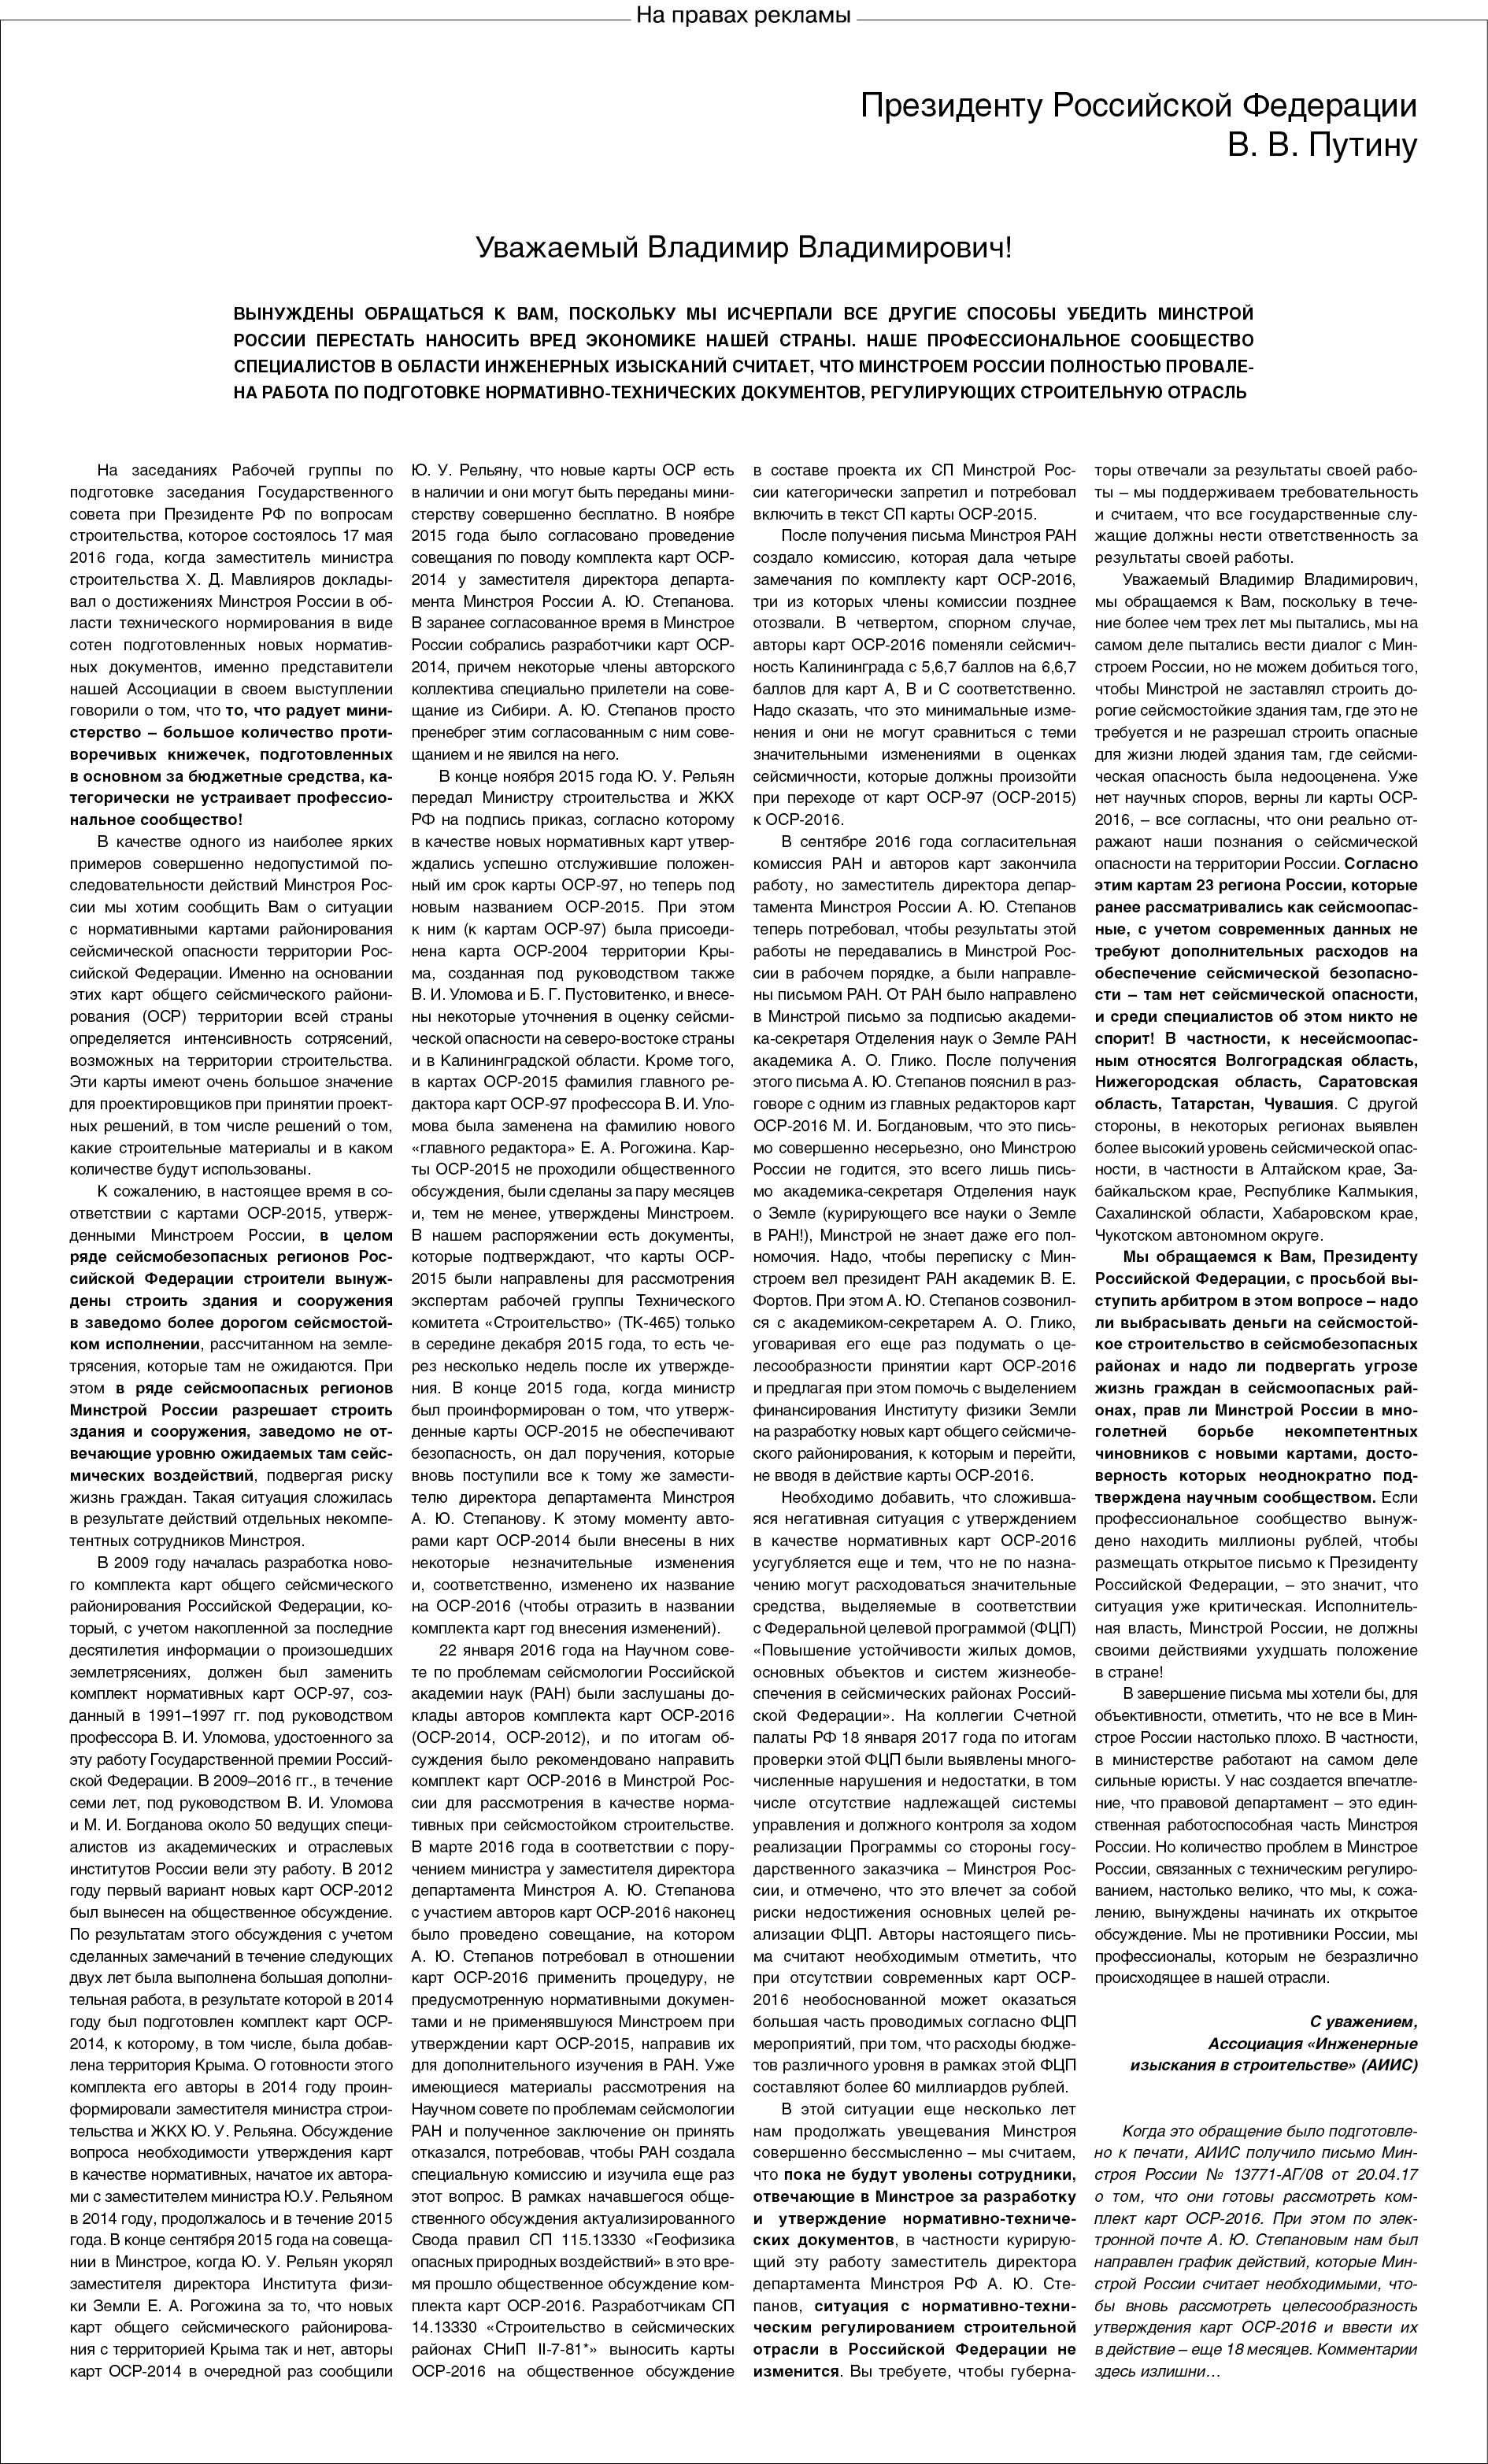 Отраслевые новости Институт геотехники и инженерных изысканий в  Ознакомиться с полным текстом письма АИИС Президенту РФ В В Путину Вы можете по